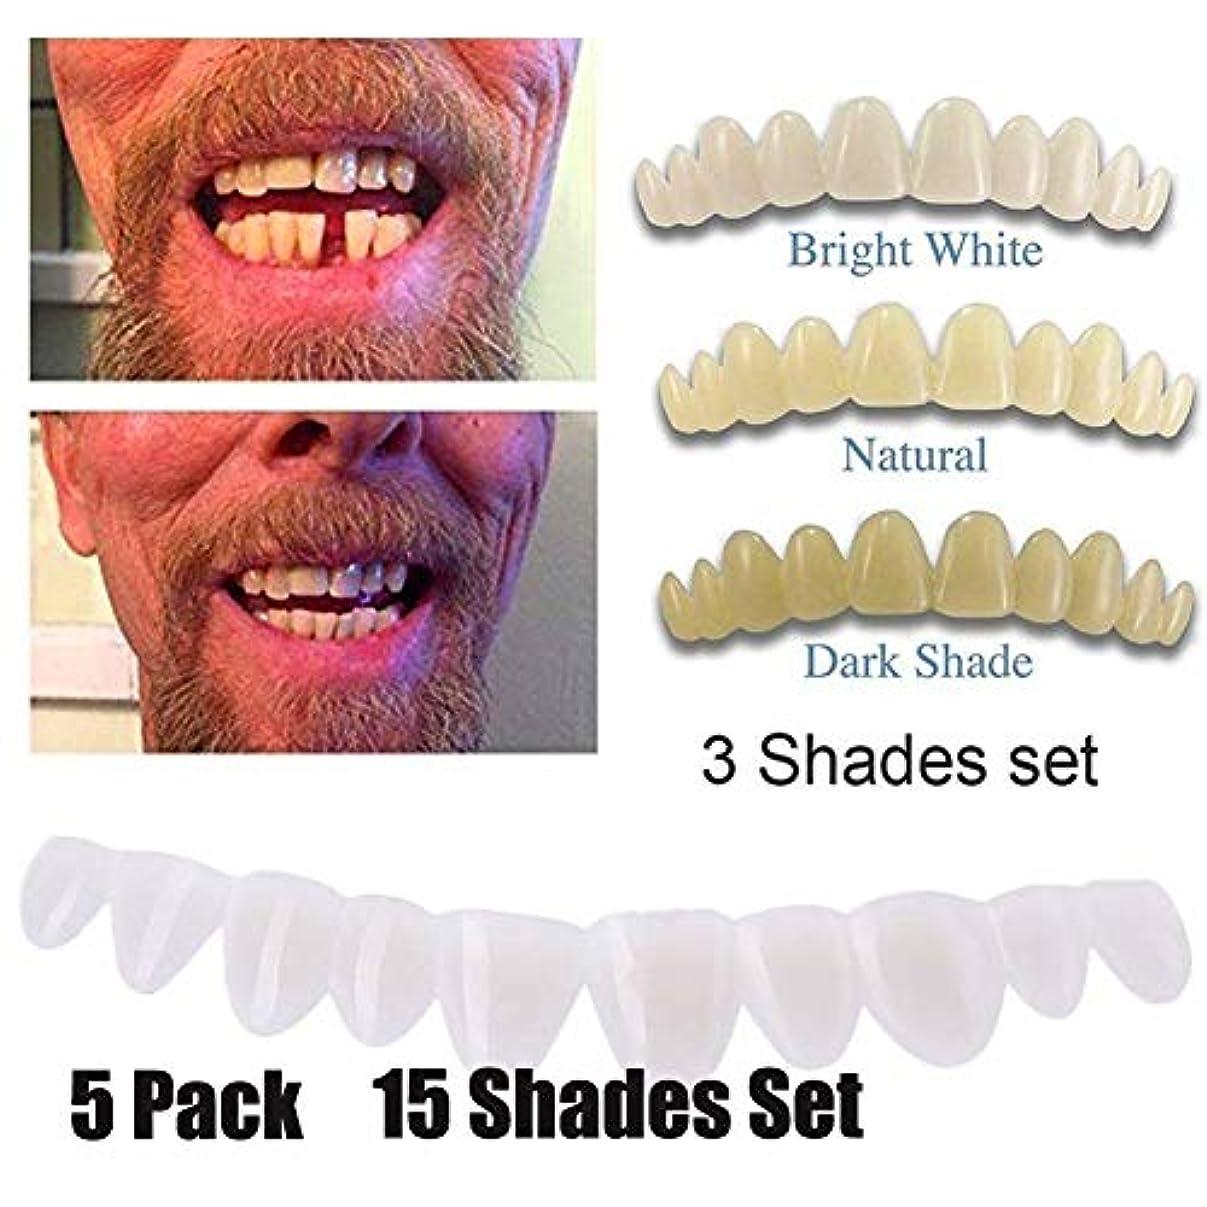 悪の突然空中5パックインスタントスマイルテンポラリートゥースキット3色付き欠けているか壊れている歯の修正が数分以内にあなたの笑顔を直します